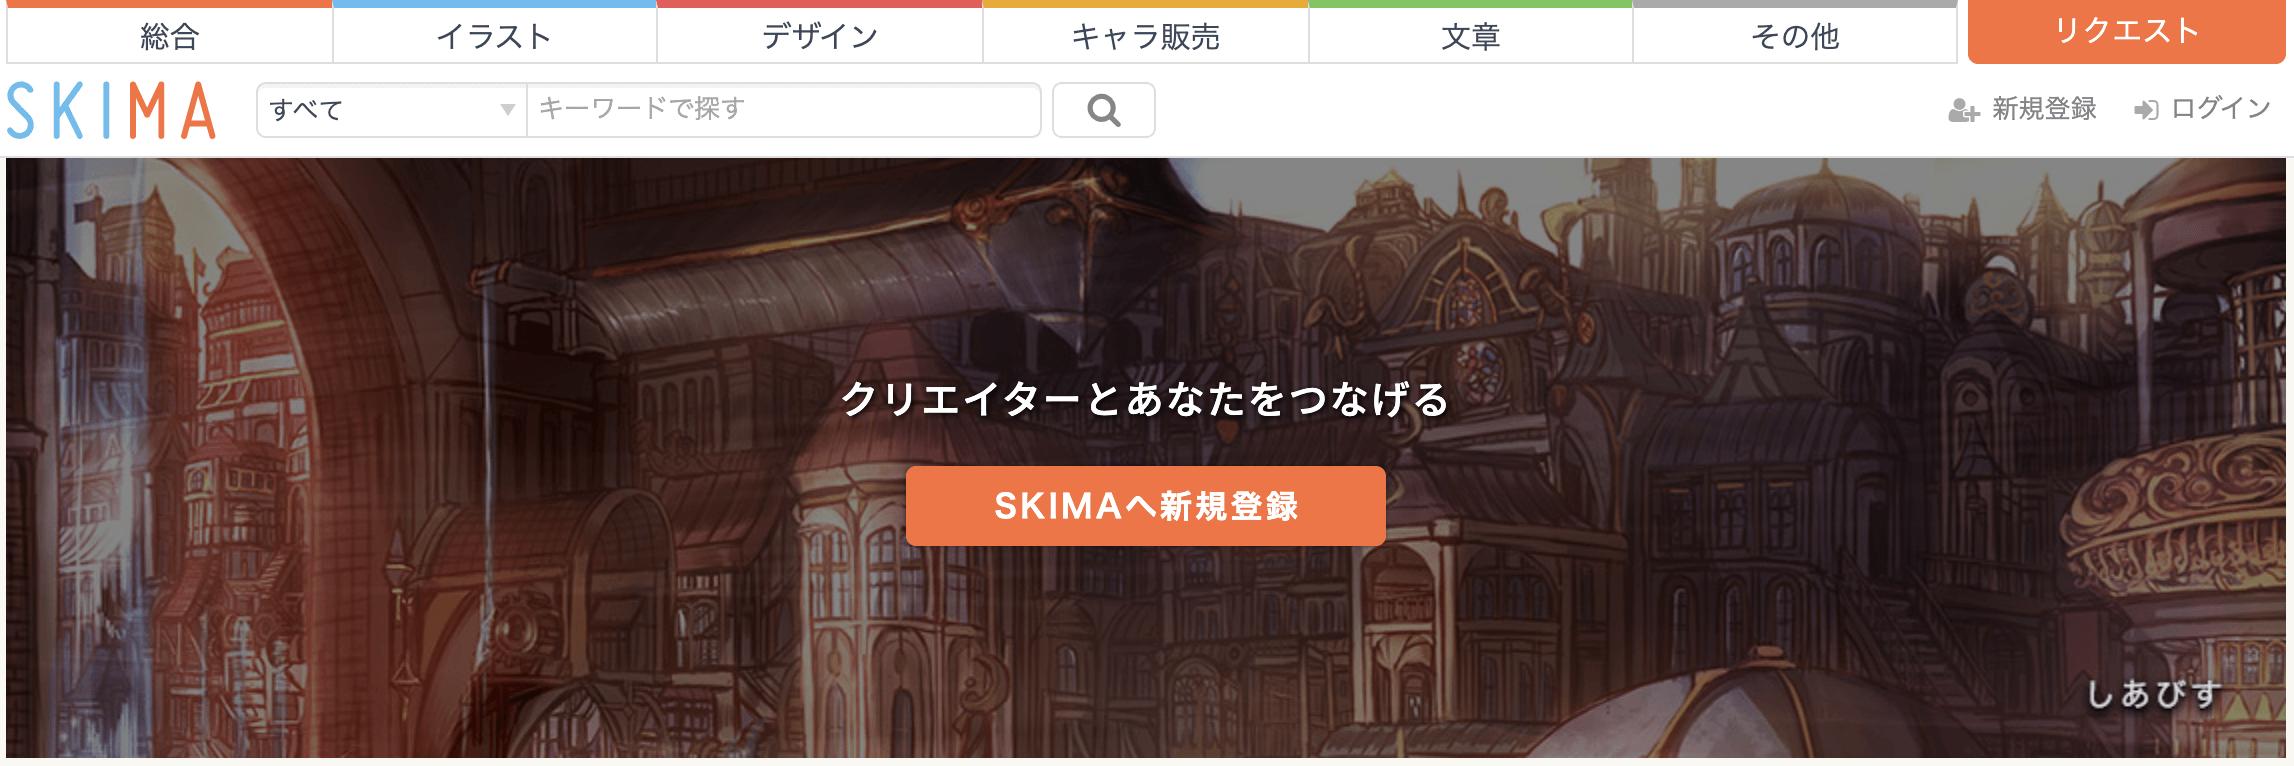 SKIMAの公式ページ